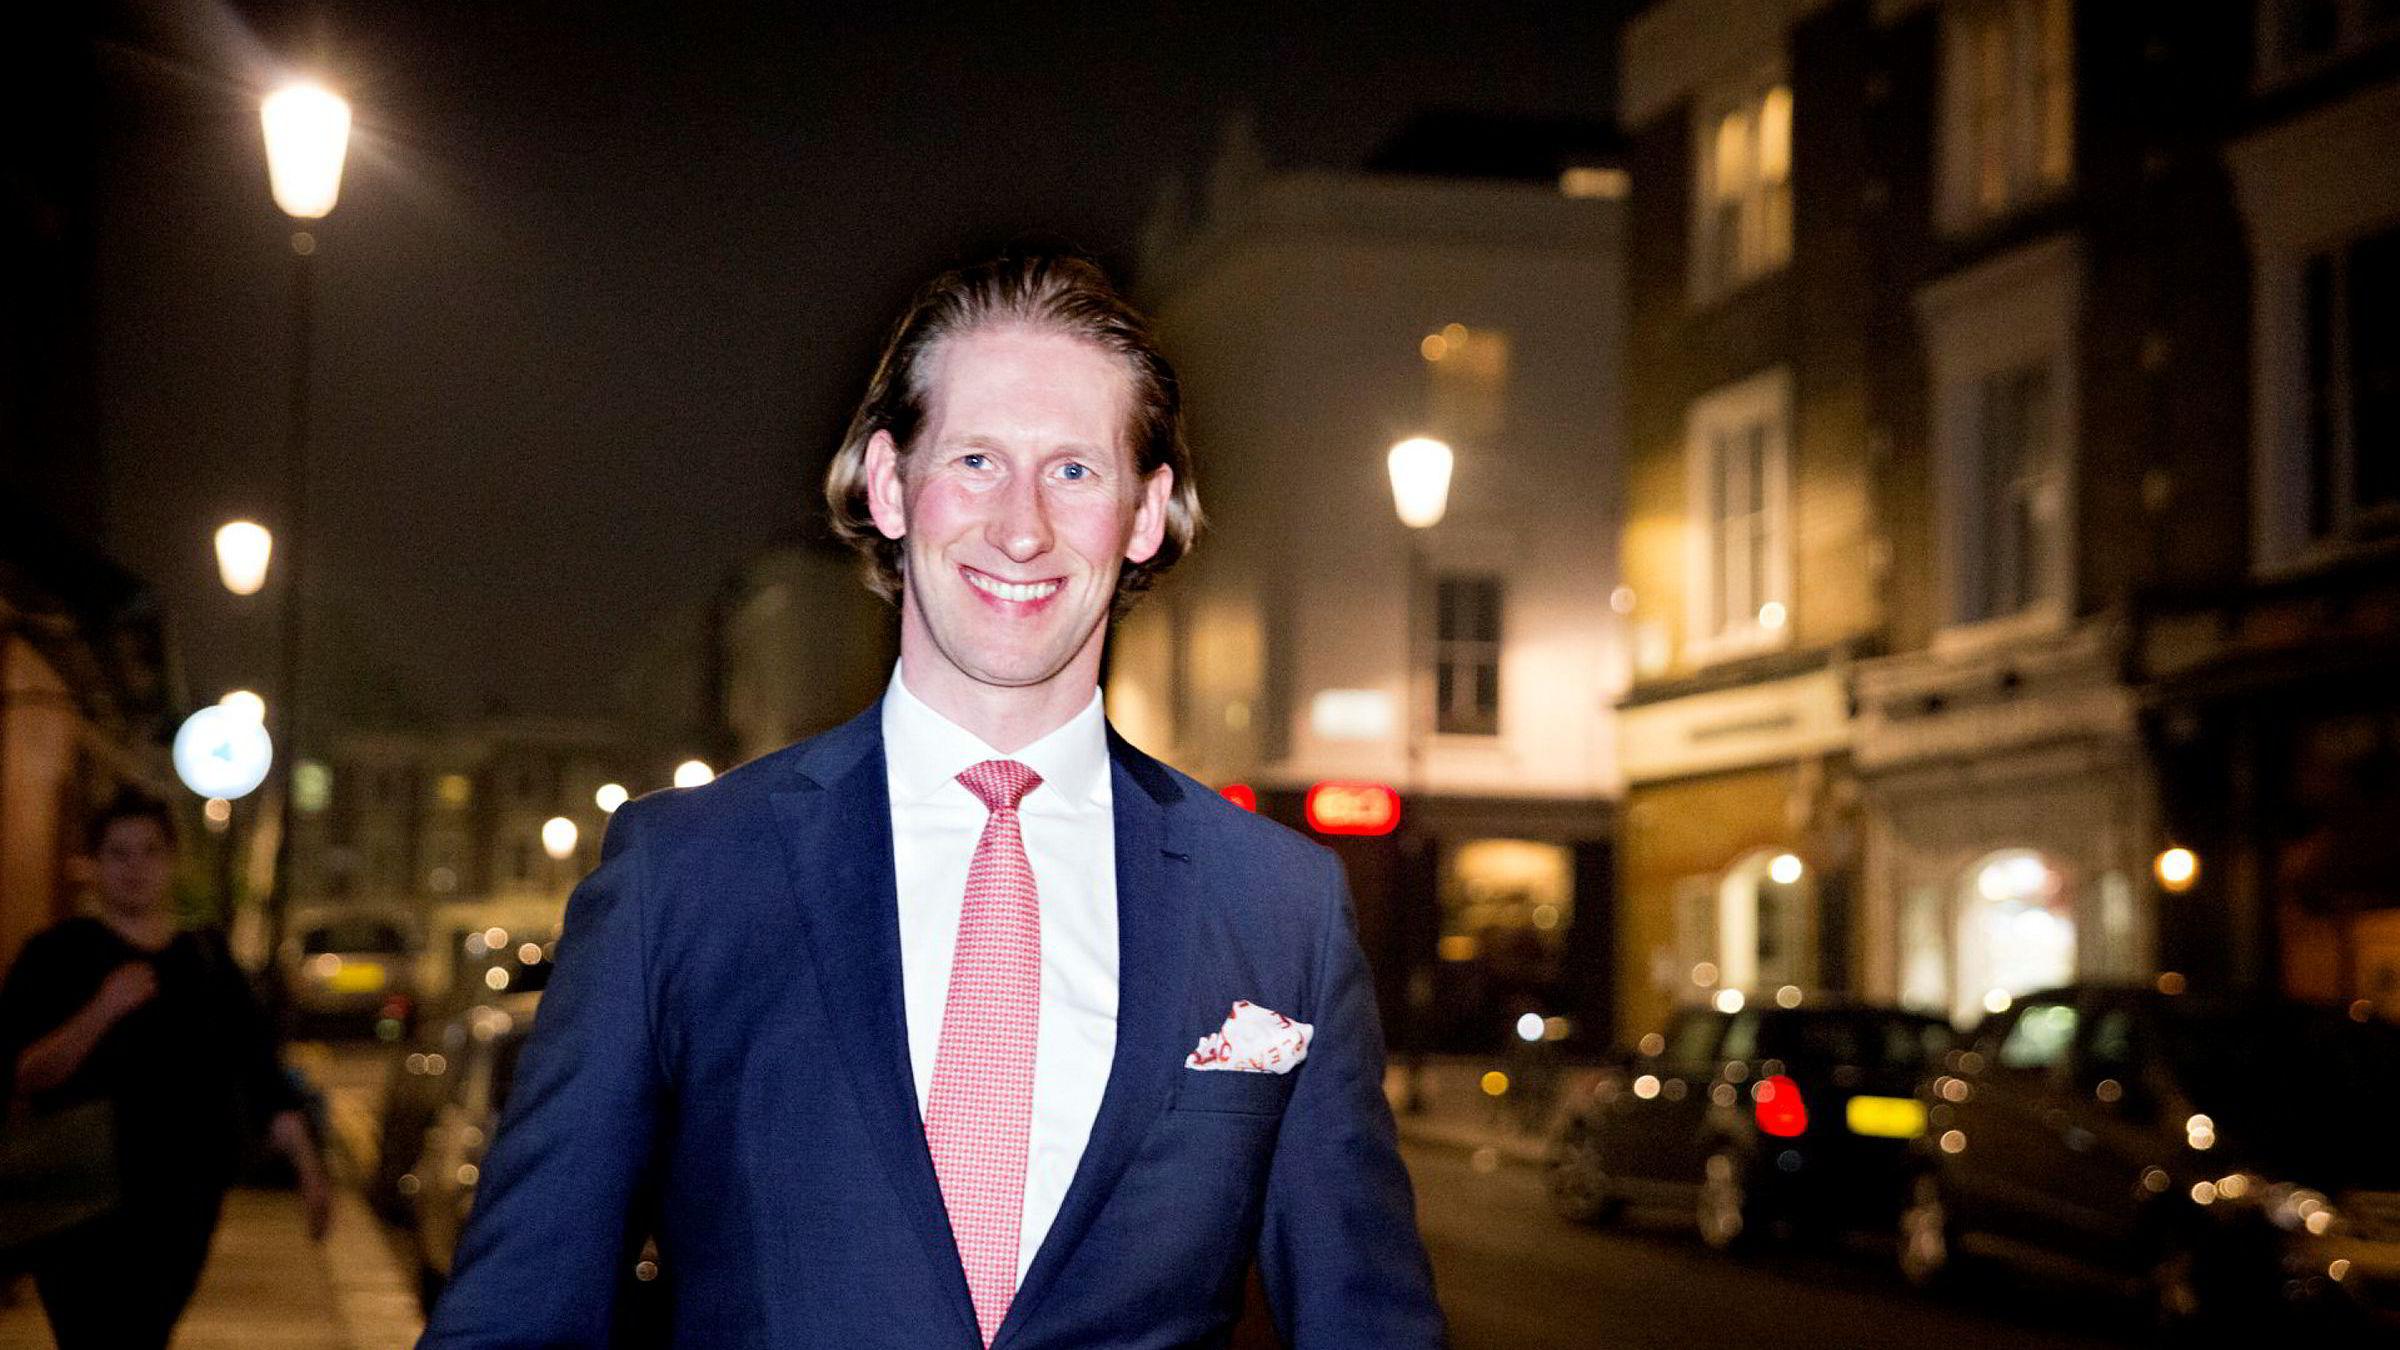 Nordmannen Rune Madsen gjør karriere i Londons finansverden med hedgefondet Runestone Capital.